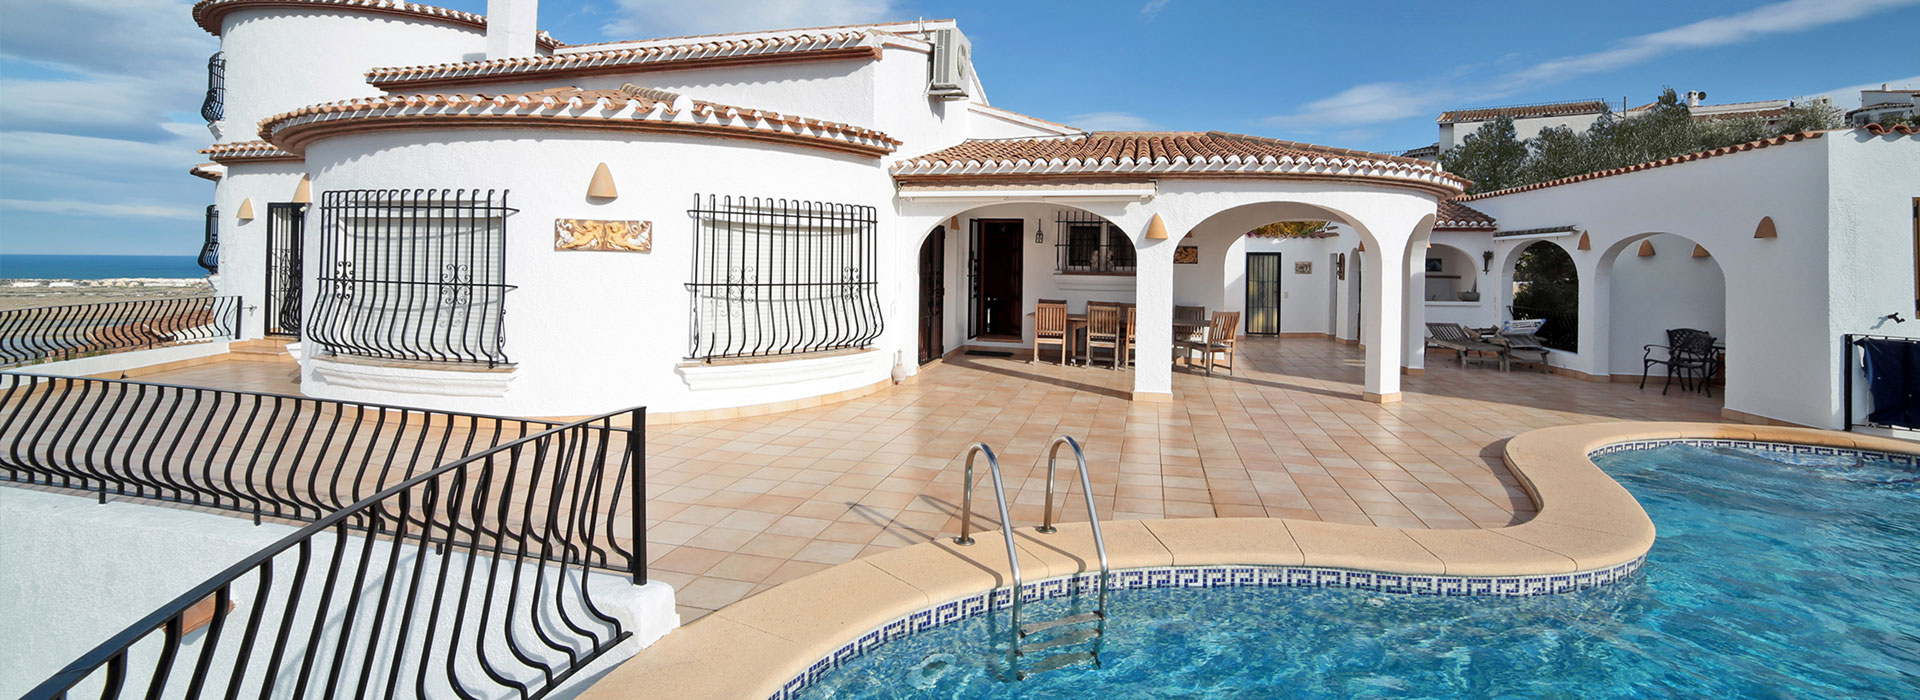 acb.immo - Grande villa de 5 chambres à Monte Pego avec appartement séparé, Denia